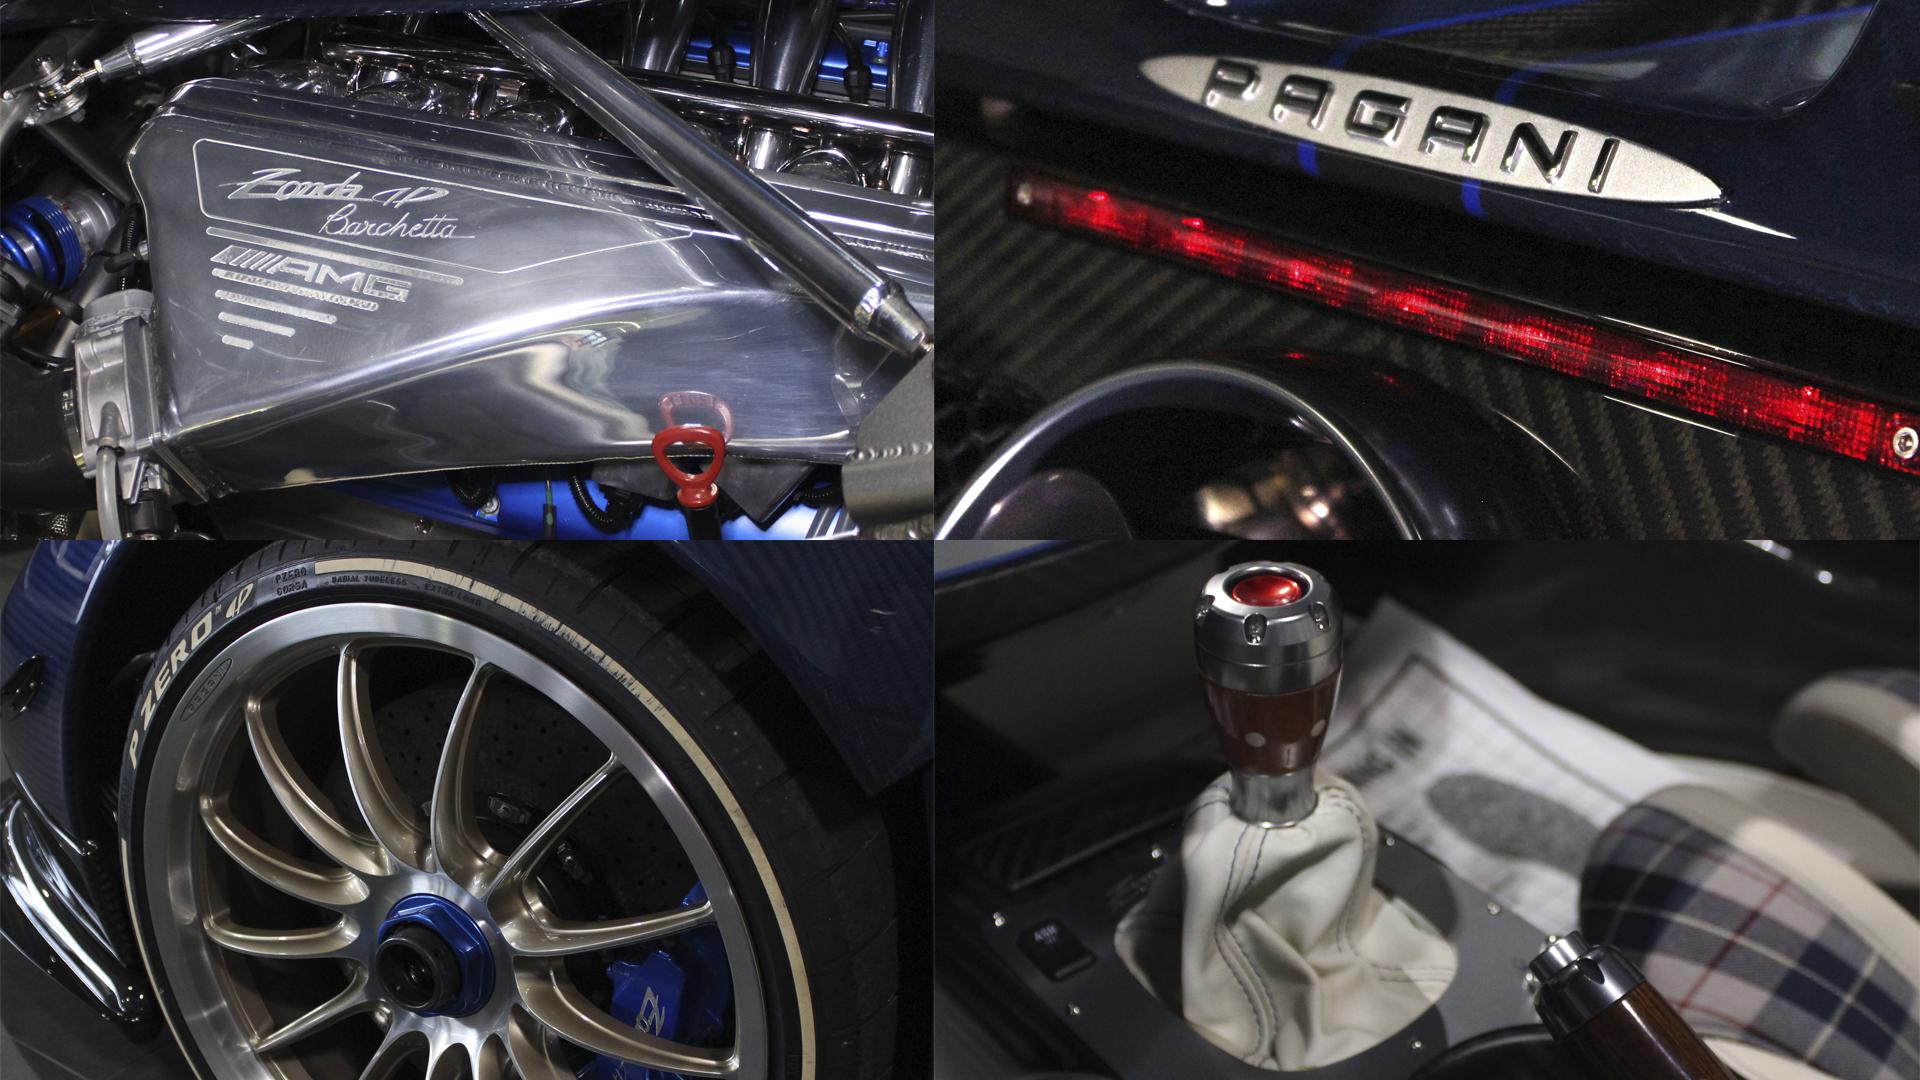 El Zonda HP Barchetta es la coronación definitiva del modelo Zonda, que después de su cese de producción en 2011 se fabricaron varias ediciones especiales